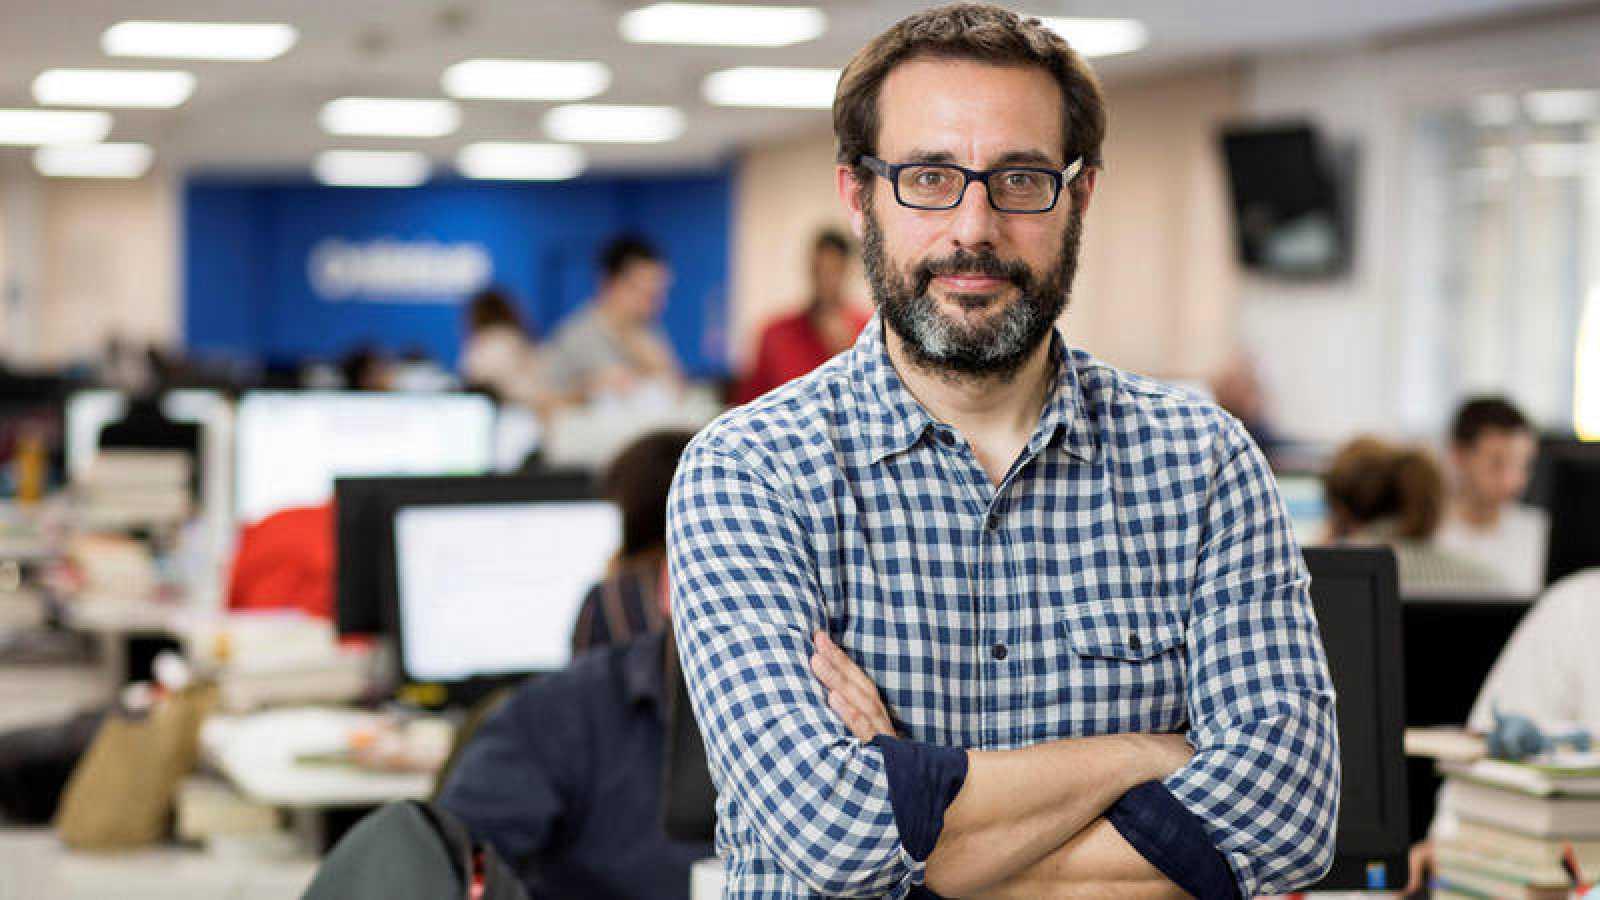 Fotografía facilitada por Eldiario.es del periodista Andrés Gil